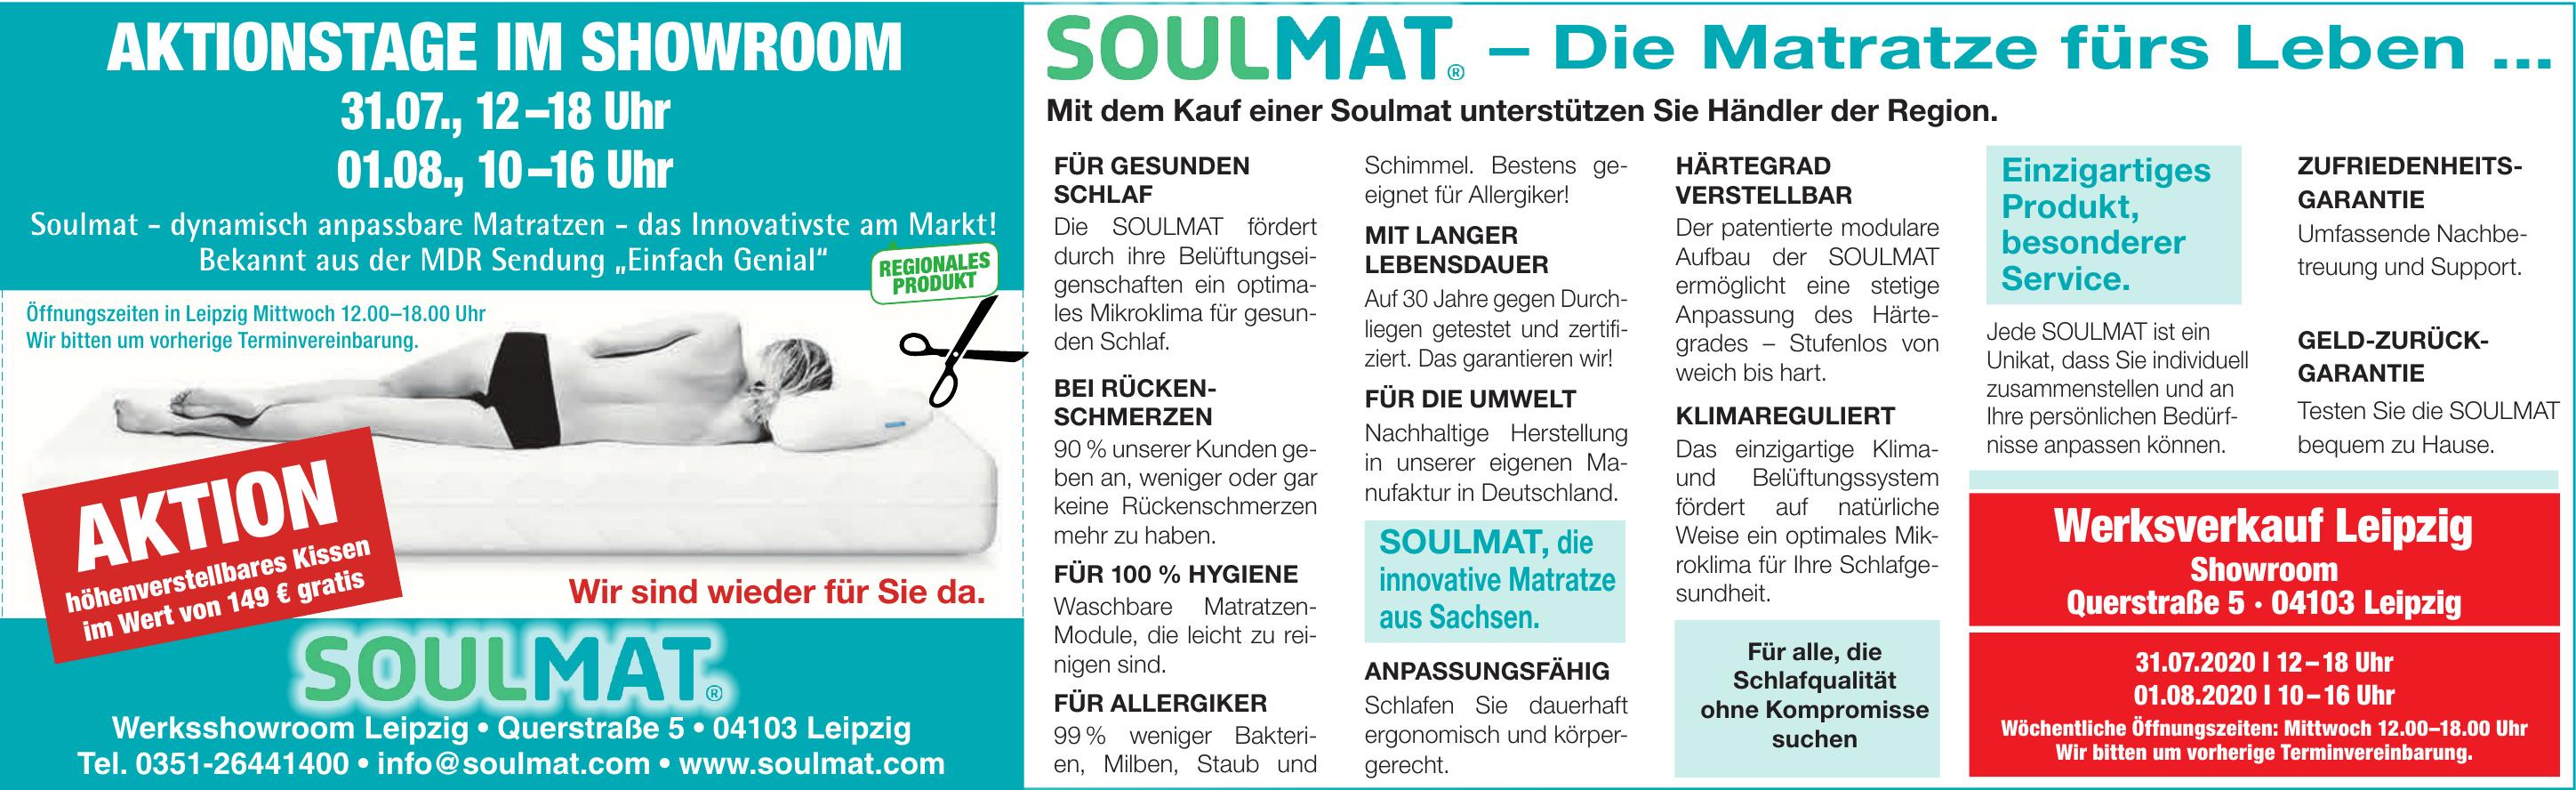 Soulmat